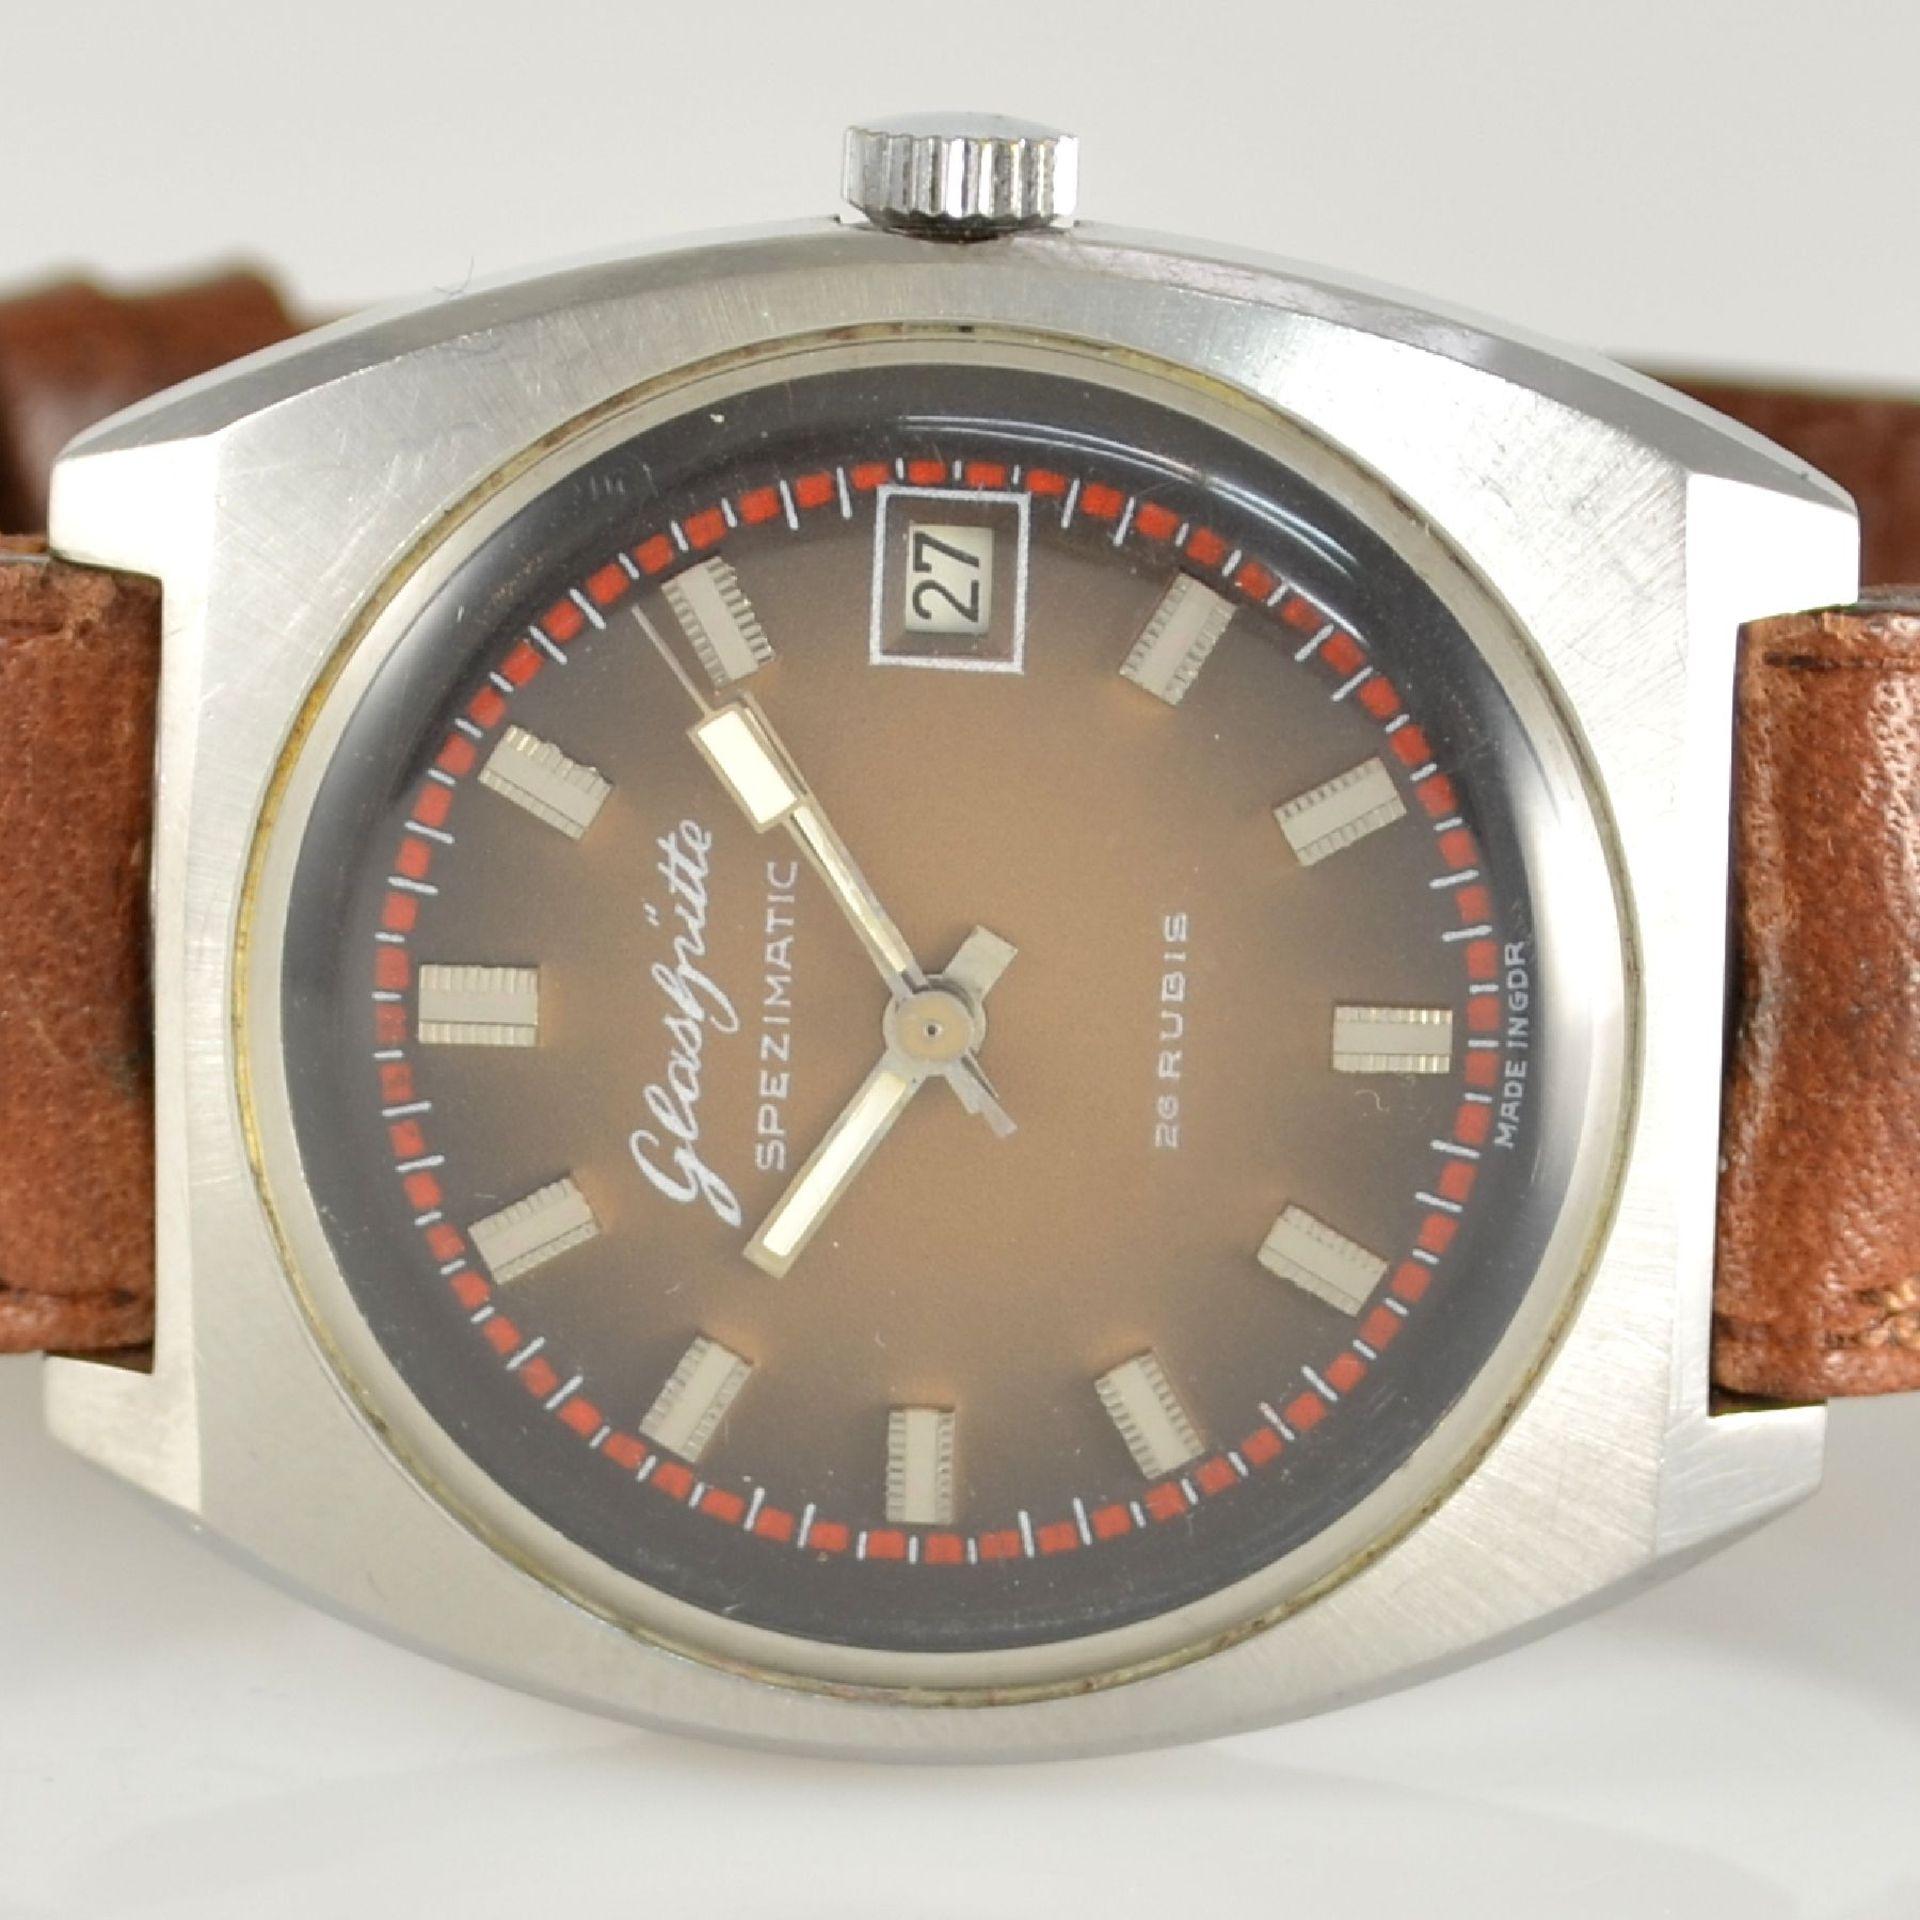 GLASHÜTTE Armbanduhr Spezimatic in Edelstahl, Automatik, DDR um 1970, Boden aufgedr., ausgef. - Bild 2 aus 5